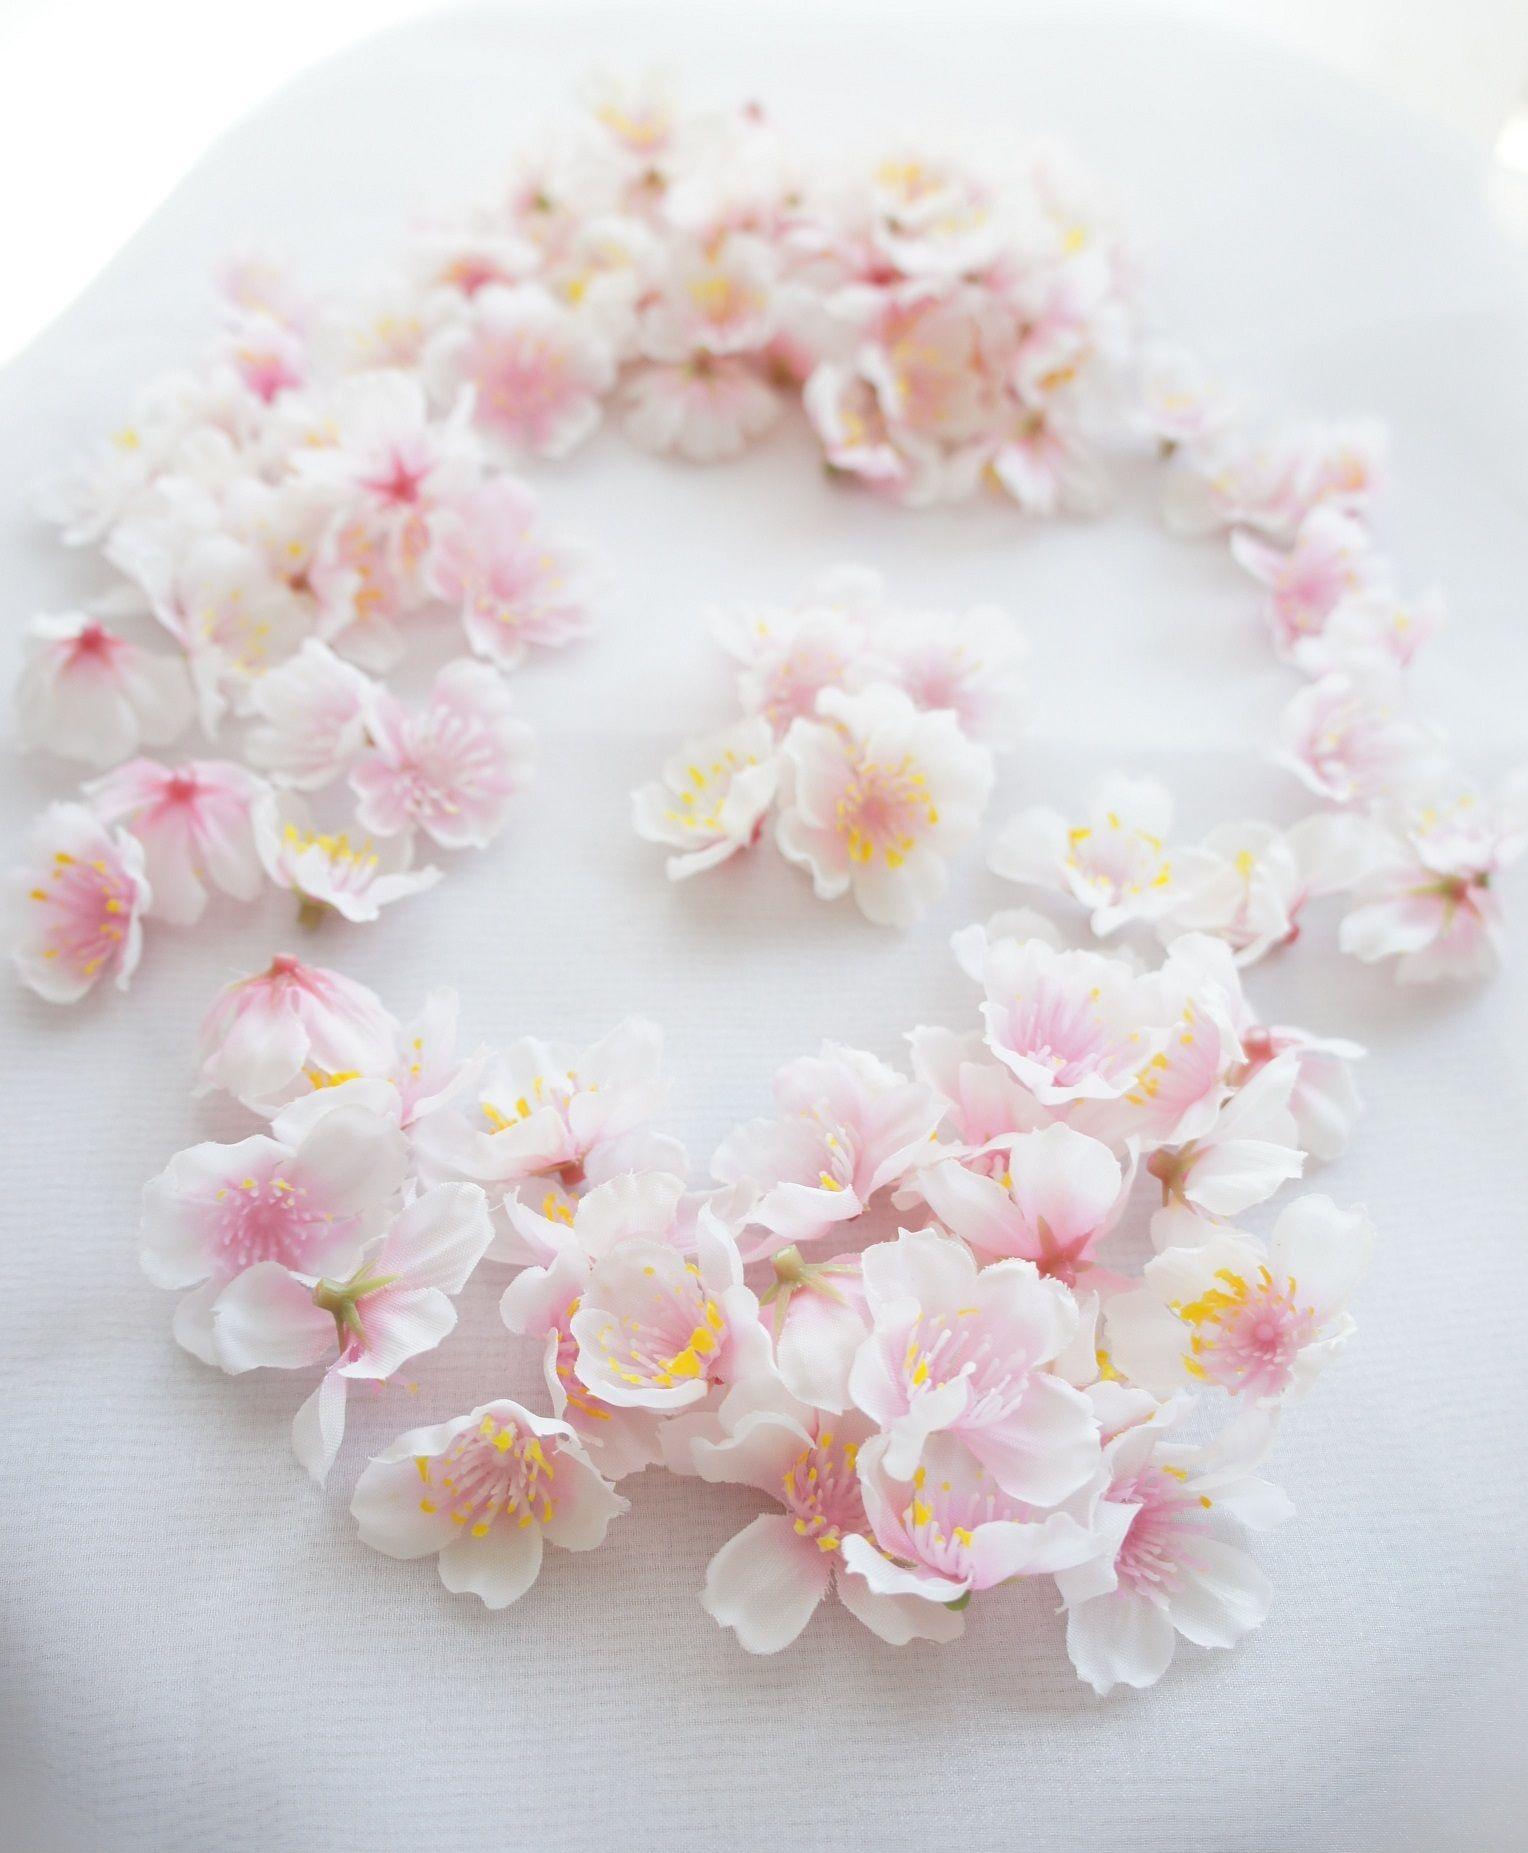 春のウェディングに♪卒業式に♪SAKURA・桜のフラワーシャワー